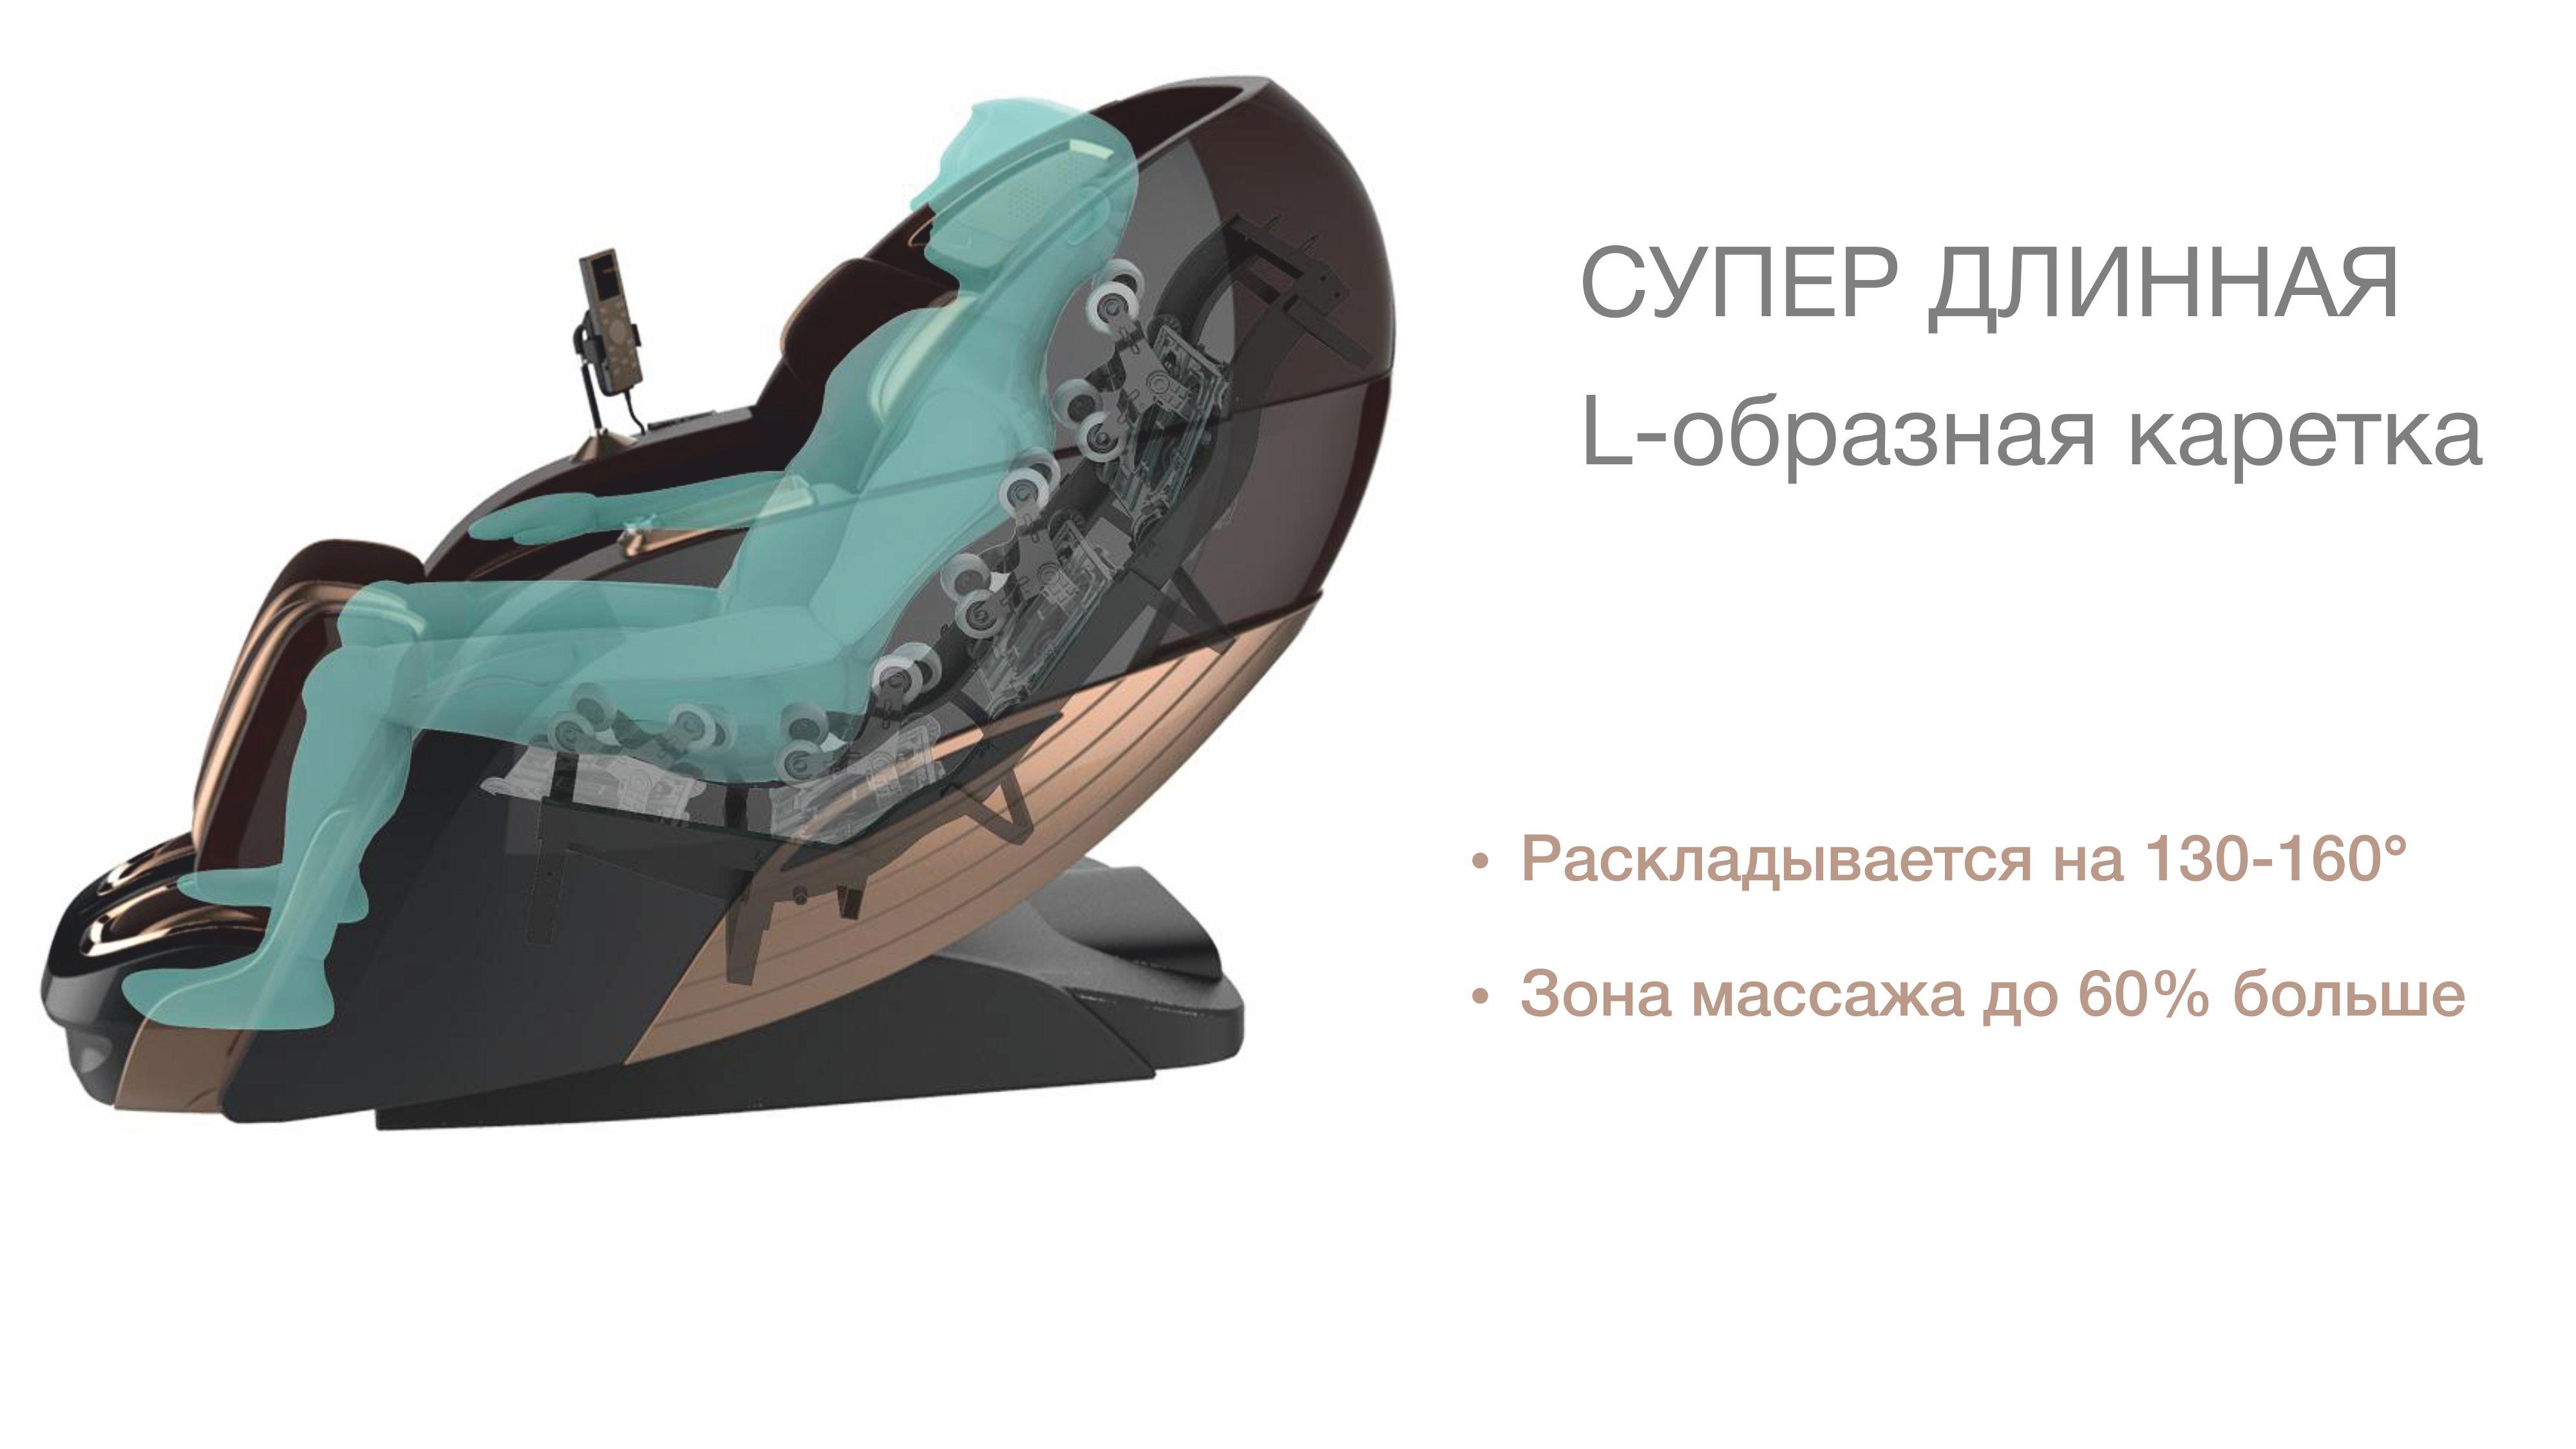 Профессиональная L-образная каретка — 126 см - Массажное кресло Bodo Palladium Bordeaux